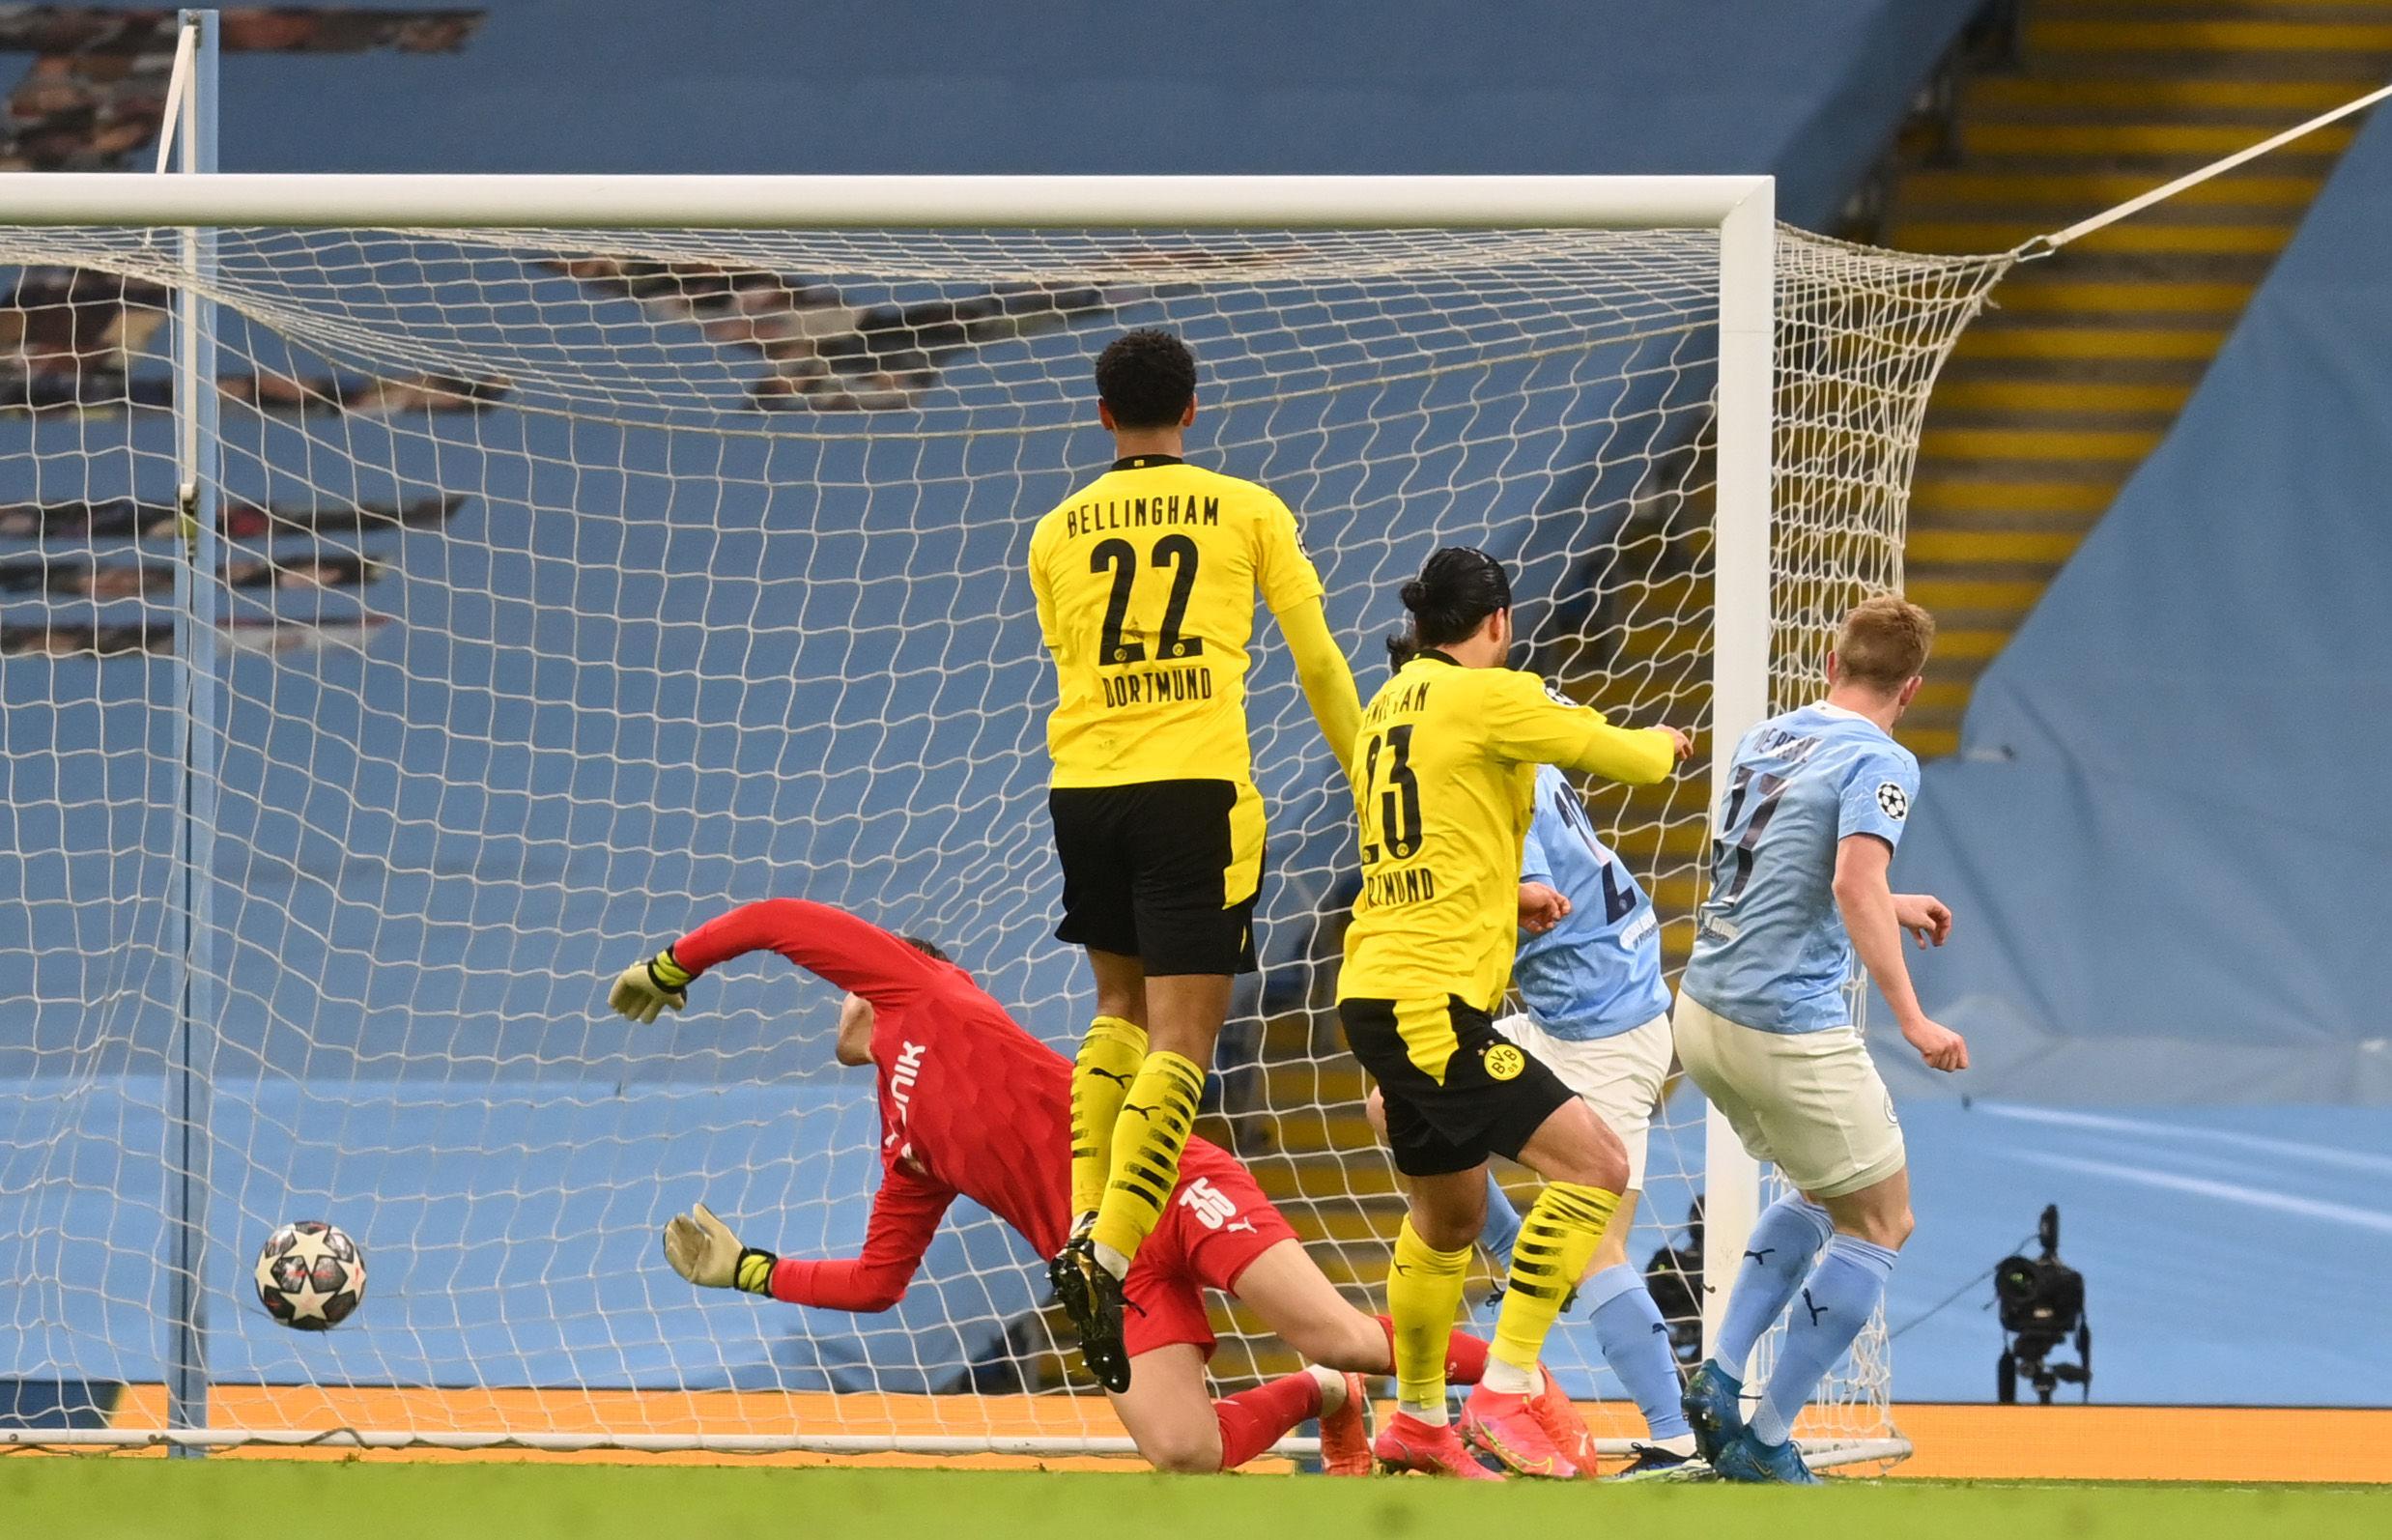 ЛЧ. Манчестер Сити - Боруссия Дортмунд 2:1. Не так убедительно, как в АПЛ - изображение 1